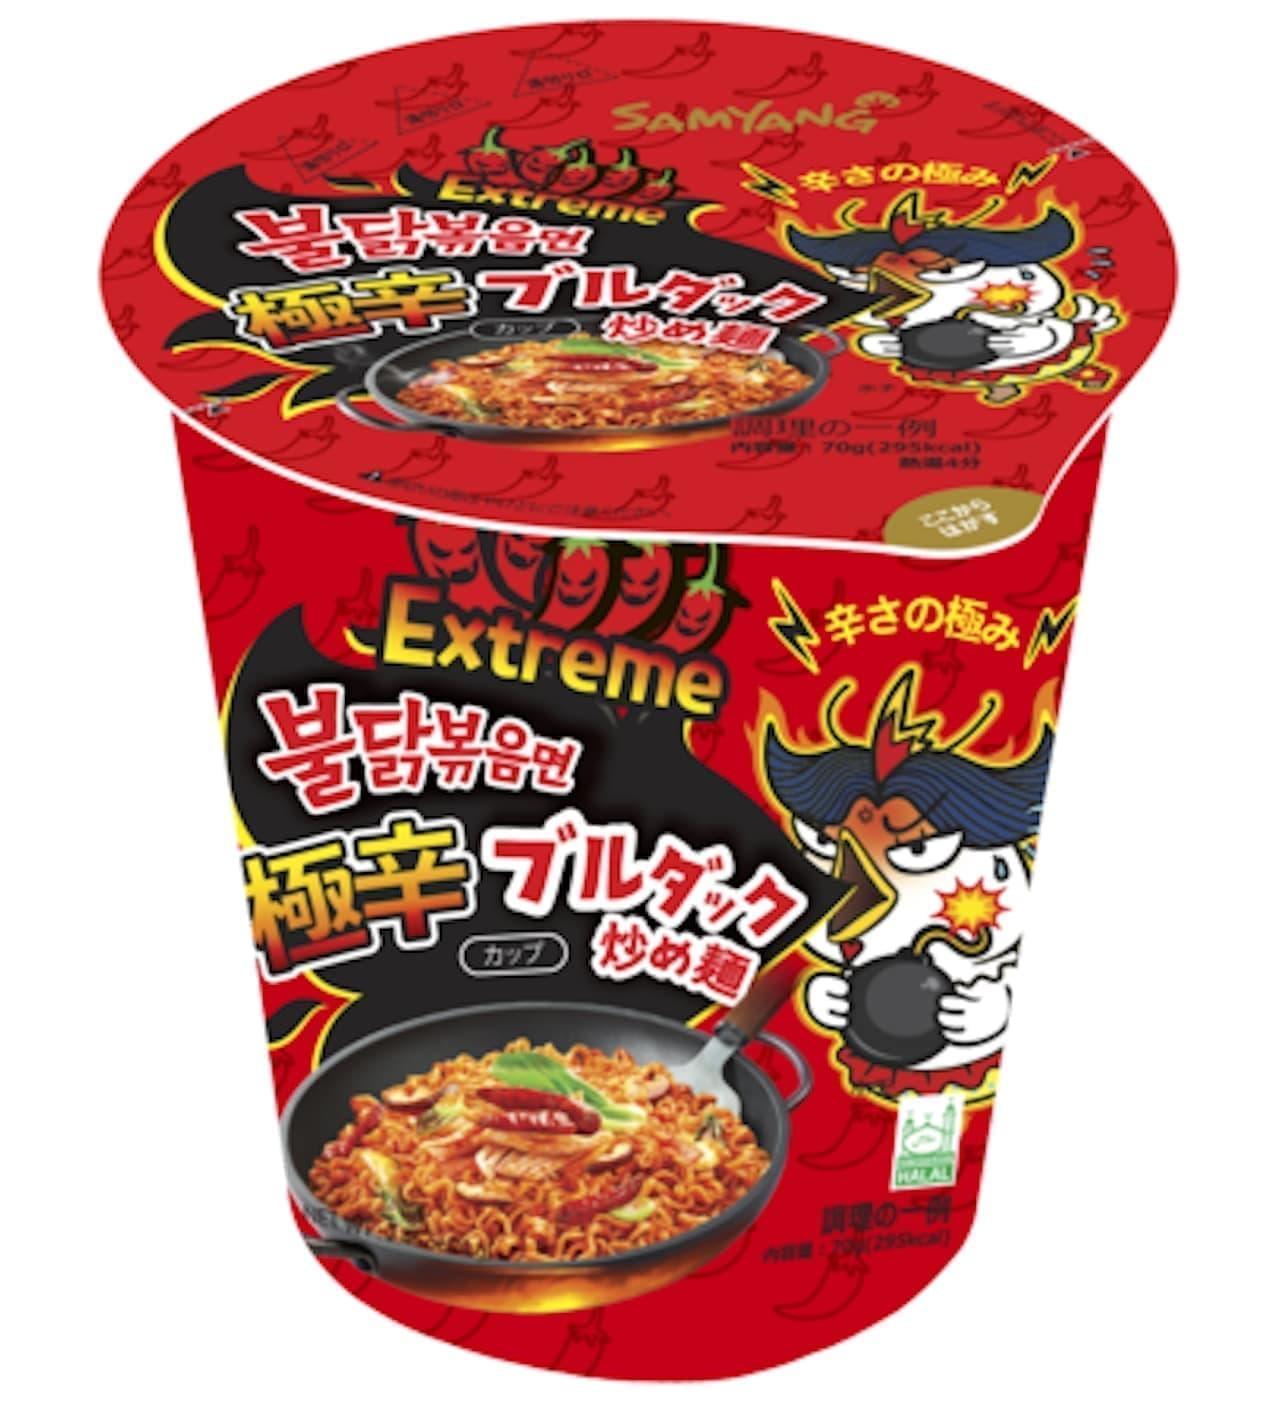 辛さが更にパワーアップ「極辛 ブルダック炒め麺」